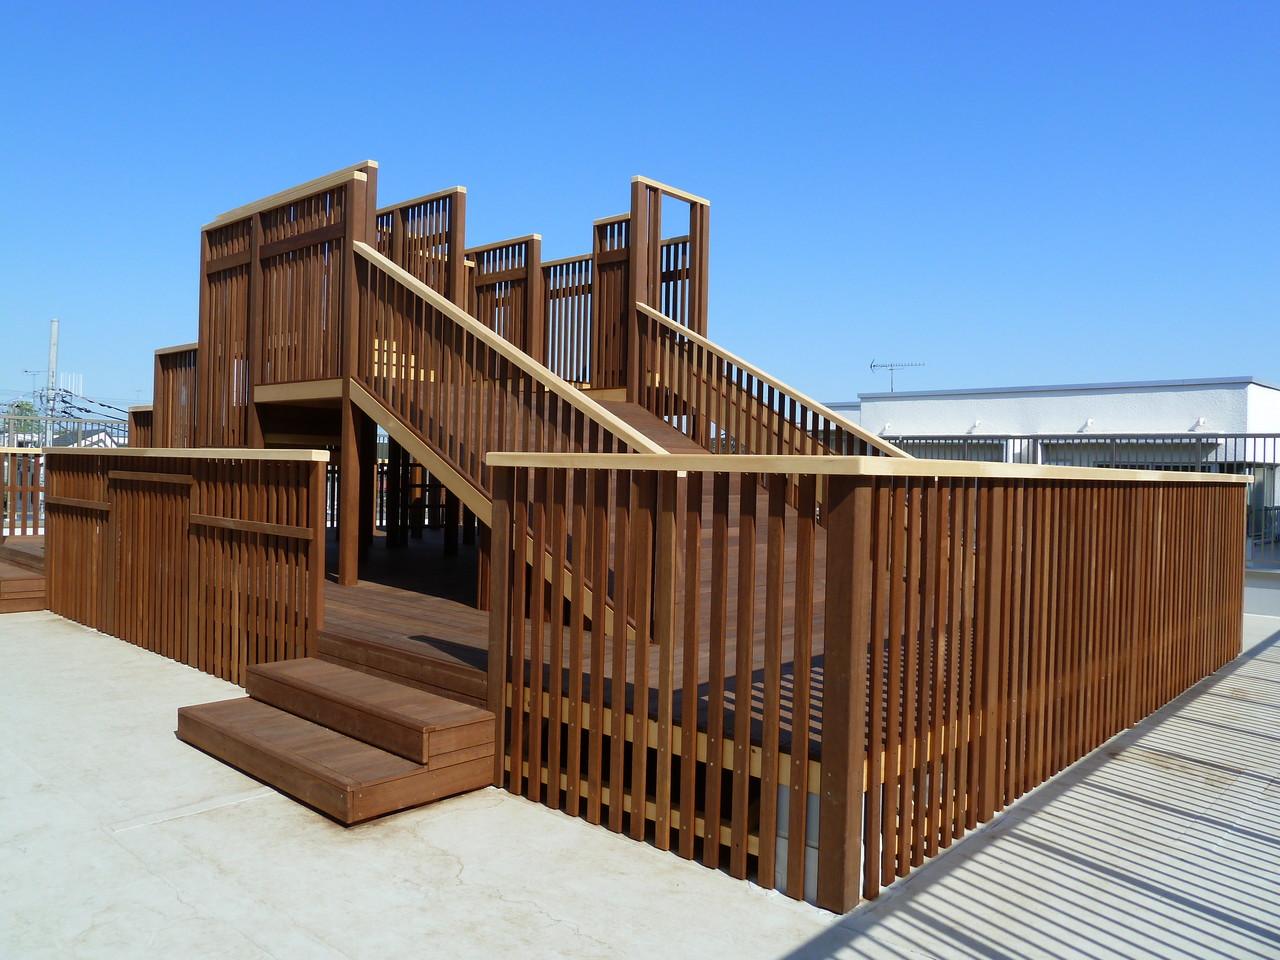 3階屋上園庭の木製遊具。十分に体を使った遊びが楽しめます。